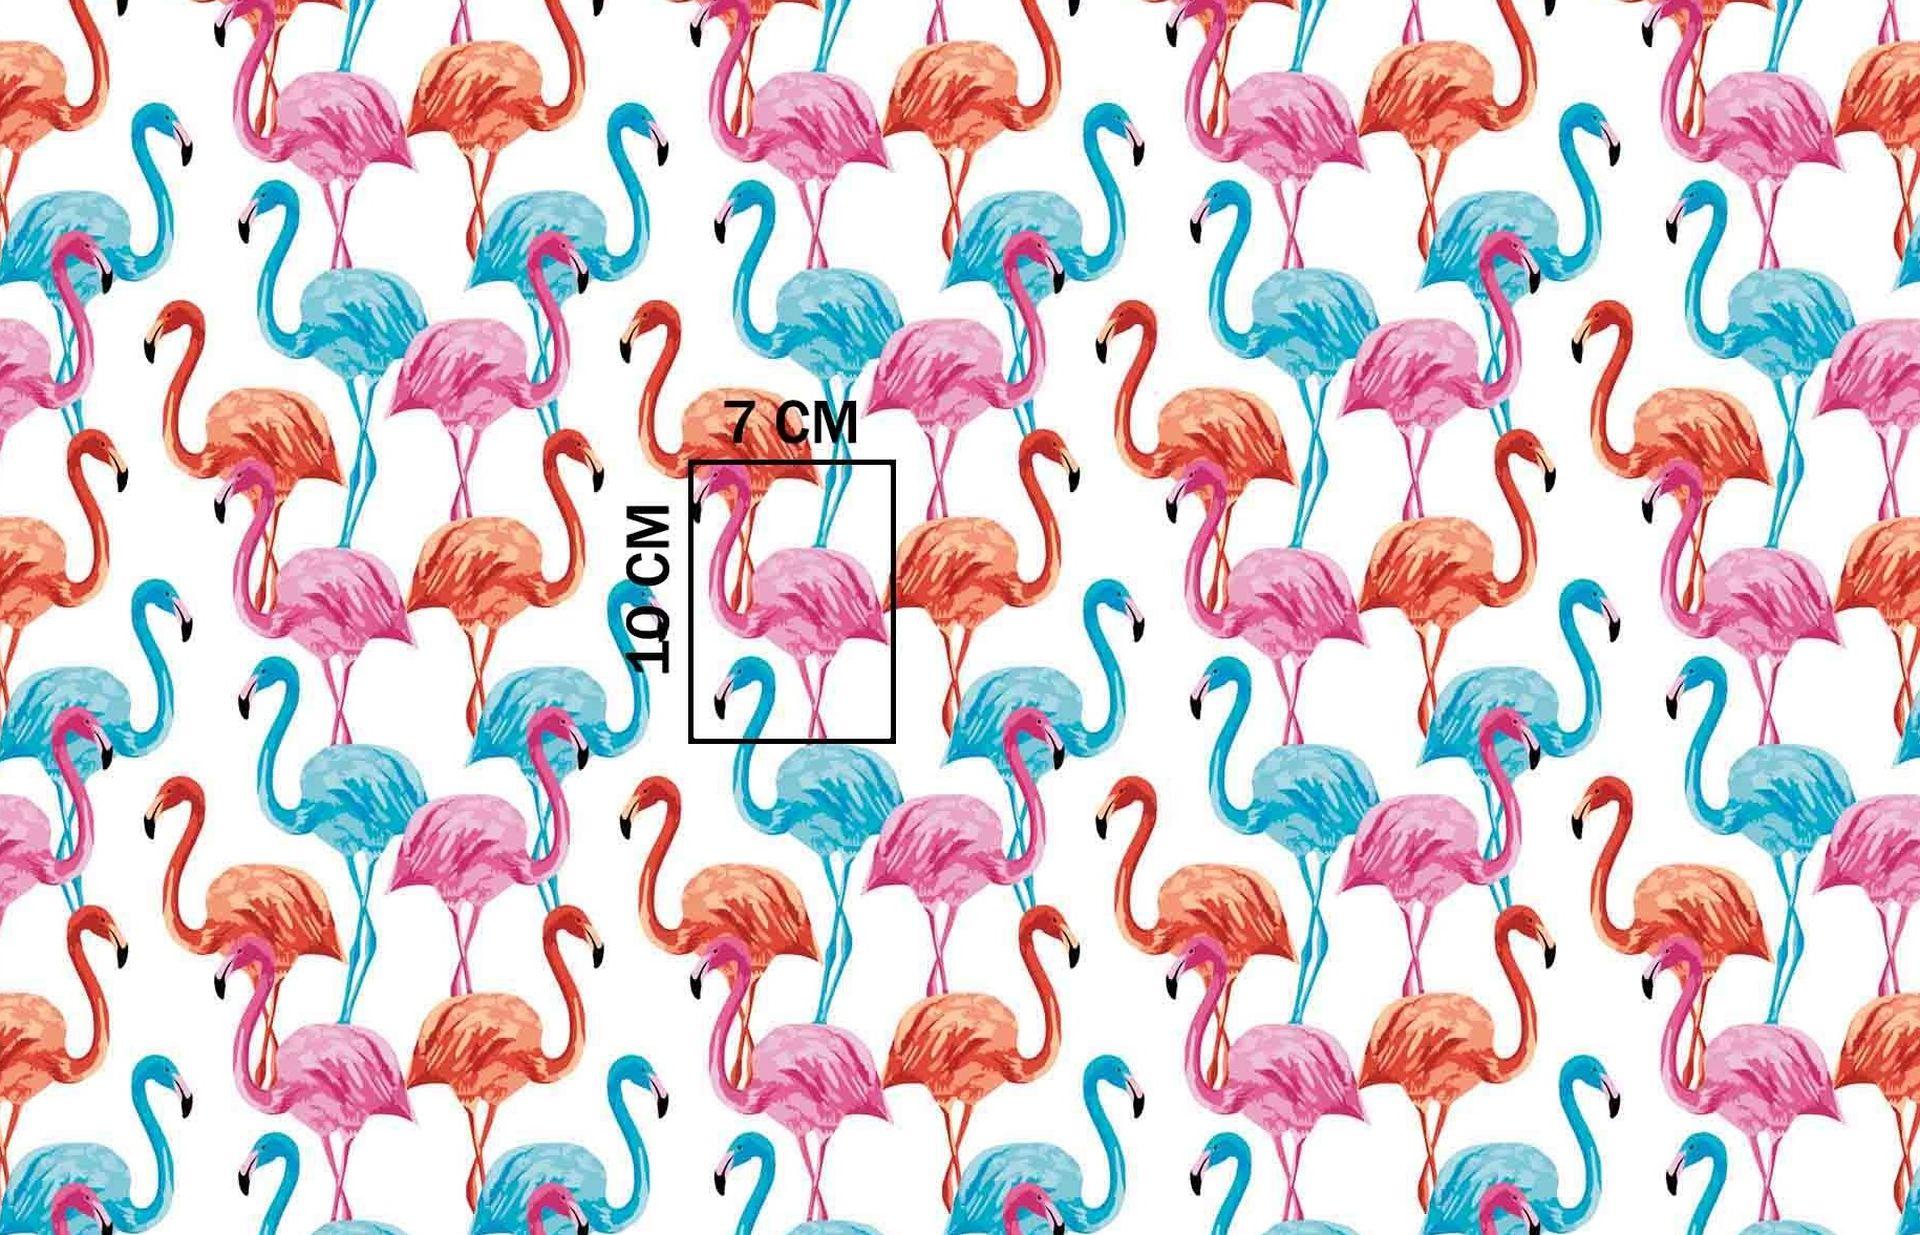 Pościel Bawełniana 140x200 1400e Biała Flamingi Ko 7510162733